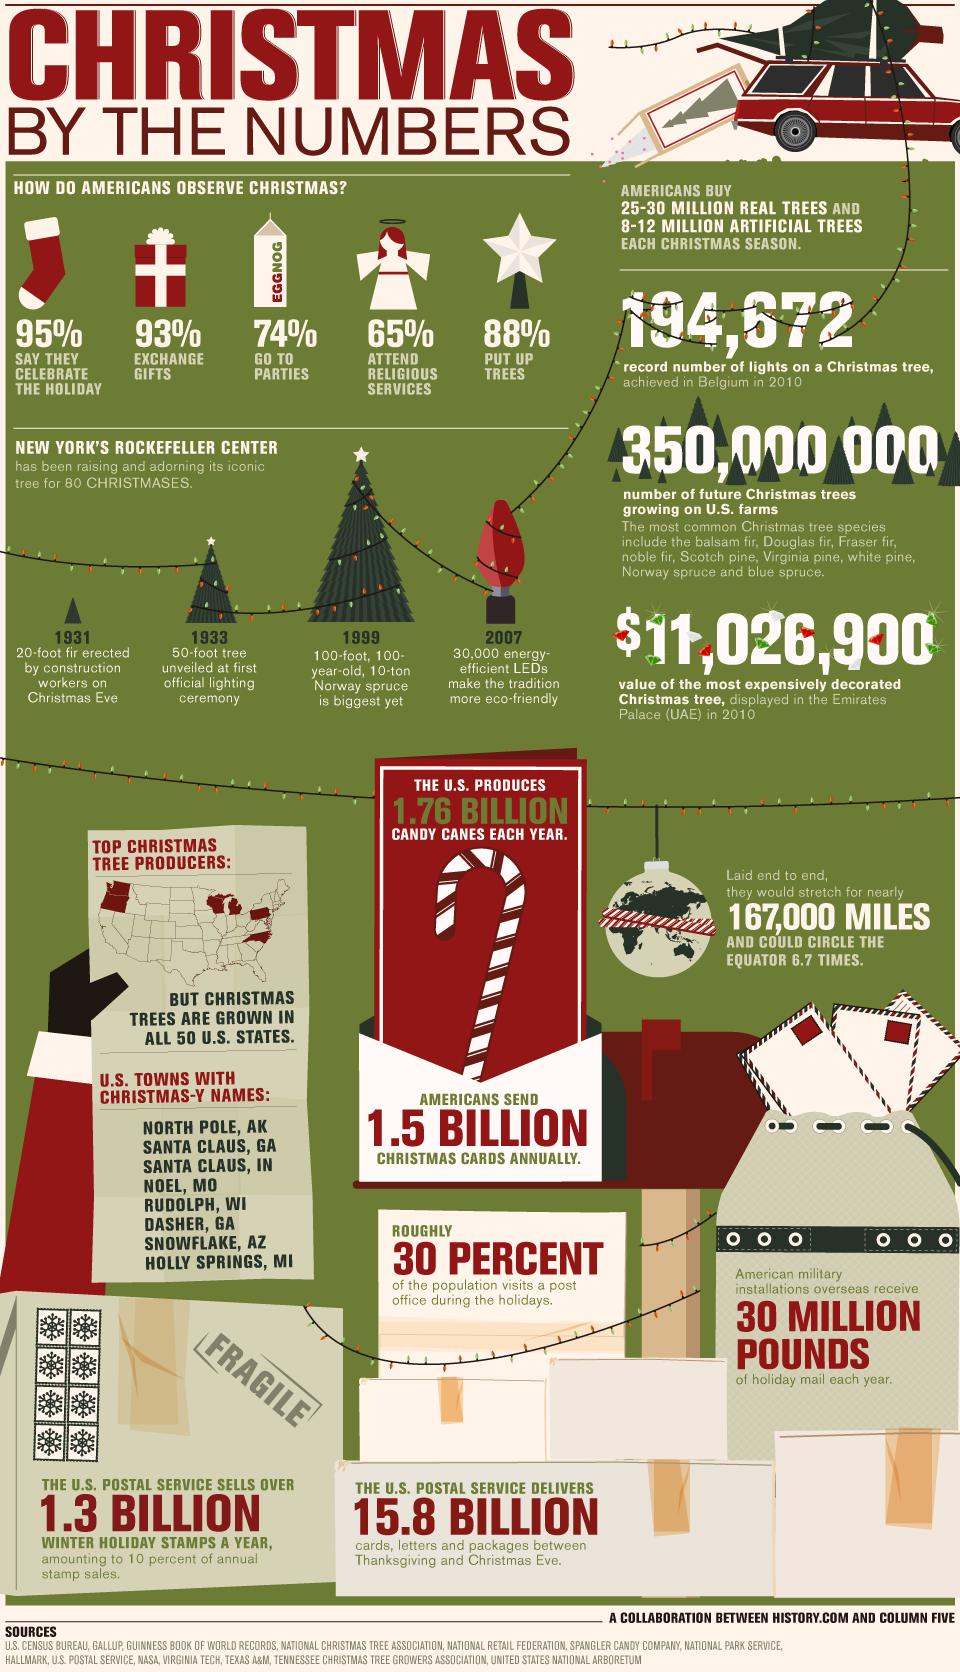 Statistiques et faits de Noël